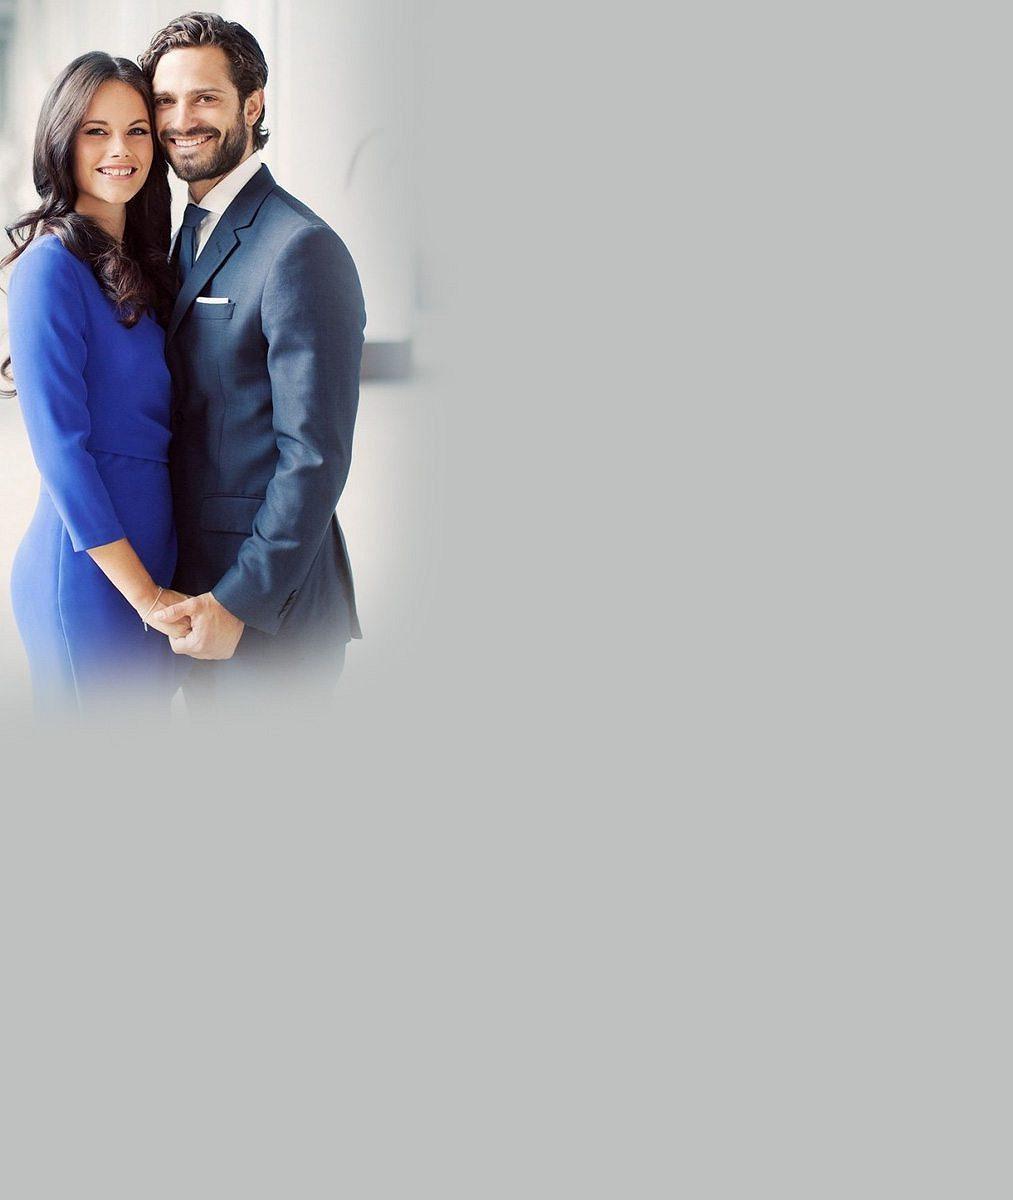 Končí éra vévodkyně Kate? Krásná snoubenka švédského prince vypadá vkrálovské modři fantasticky